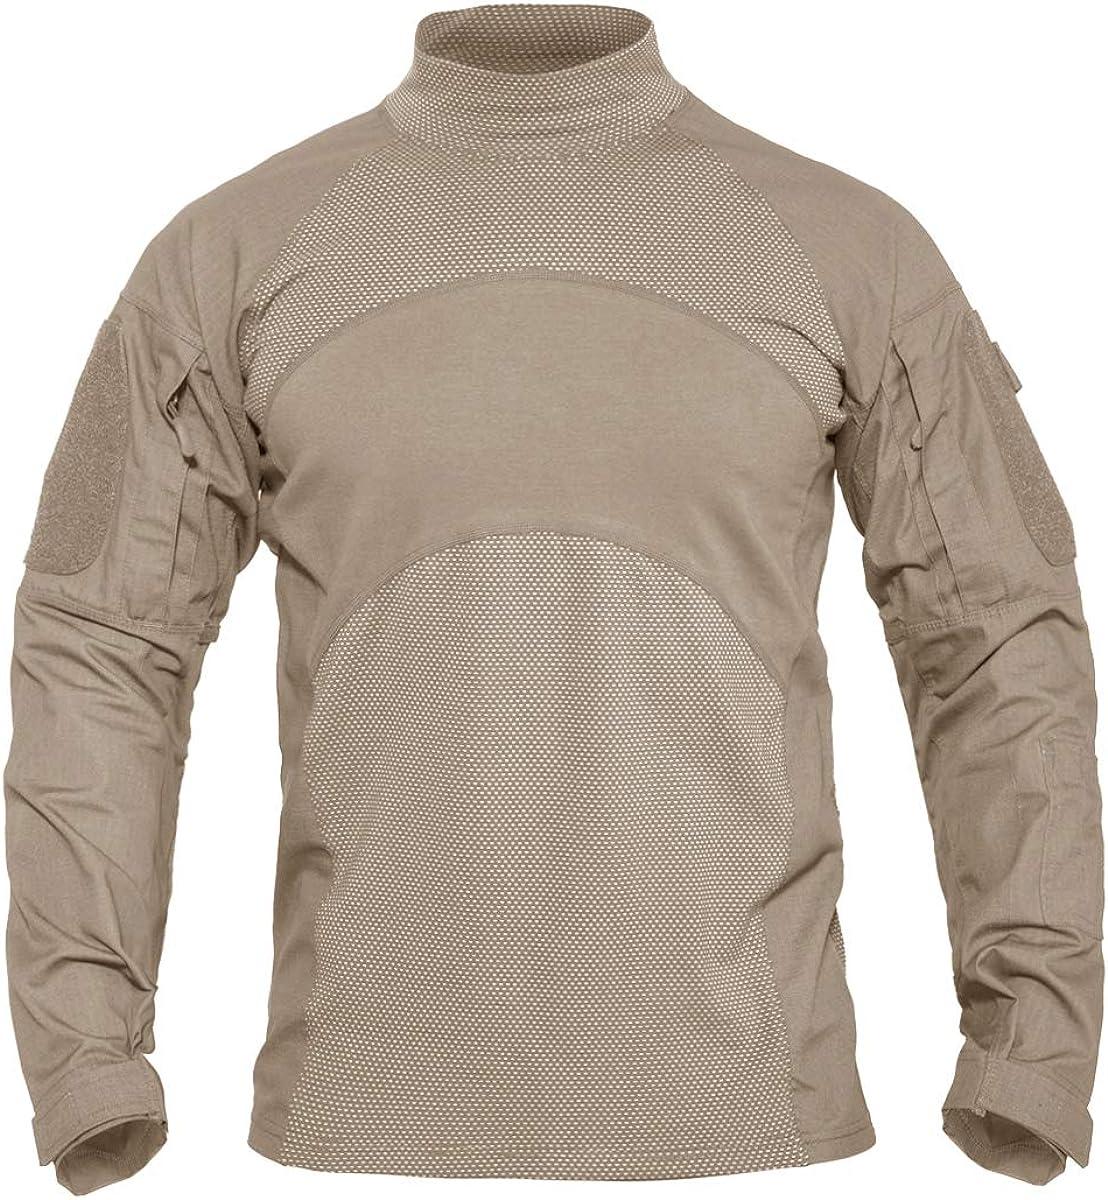 KEFITEVD - Camiseta táctica de manga larga para hombre, diseño del ejército estadounidense: Amazon.es: Ropa y accesorios